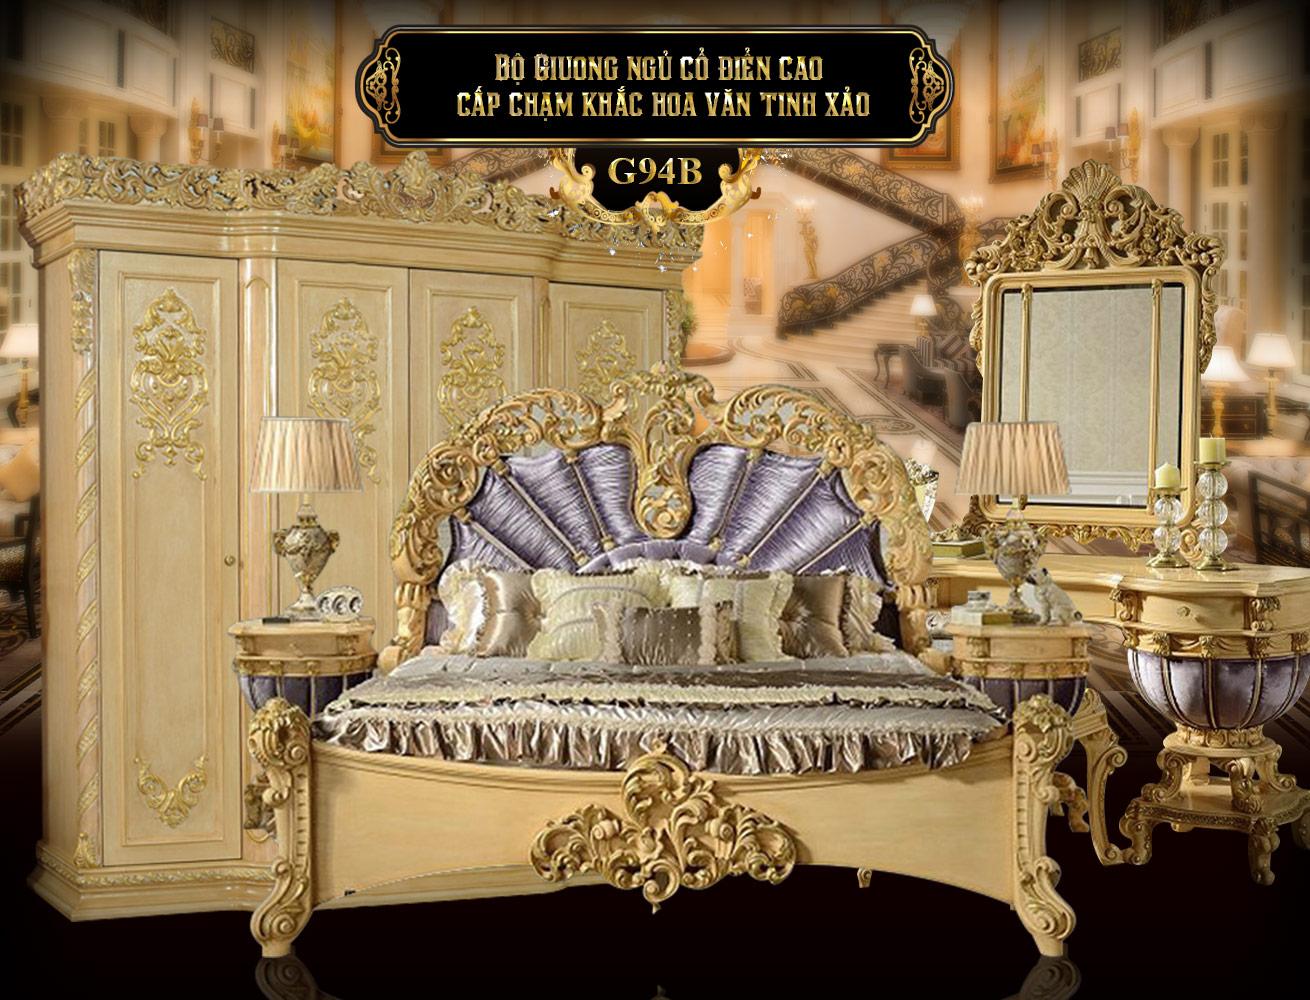 Bộ giường ngủ cổ điển G94B | Giường ngủ cổ điển giá rẻ tại Hà Nội | Mua bộ giường cổ điển